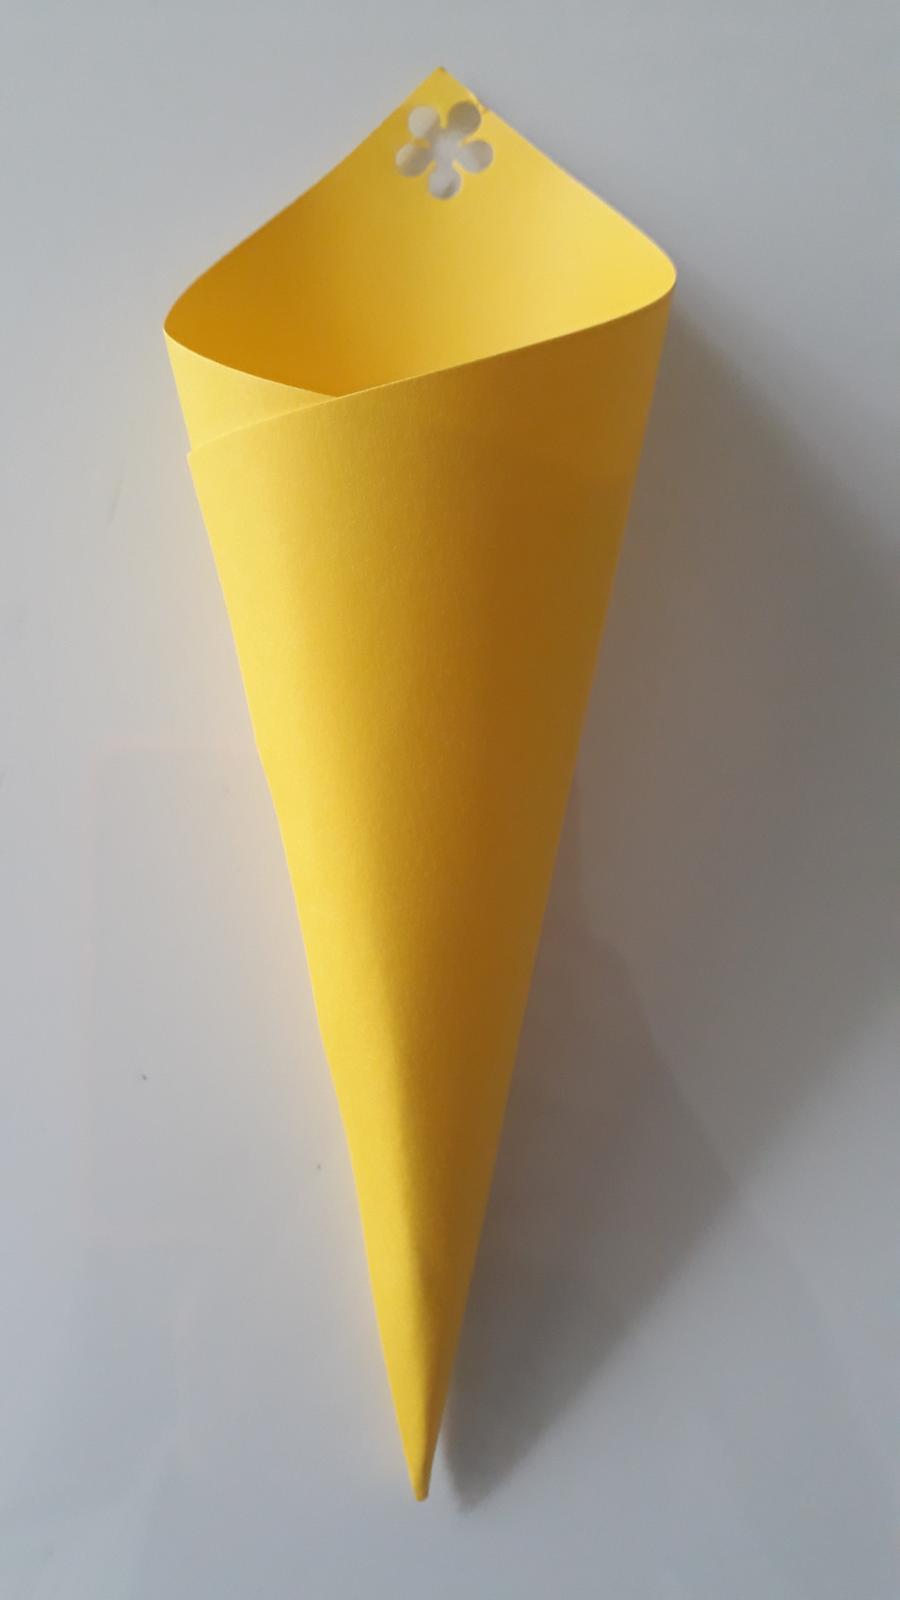 Kornoutky na rýži nebo okvětní plátky, žluté, 20ks - Obrázek č. 1